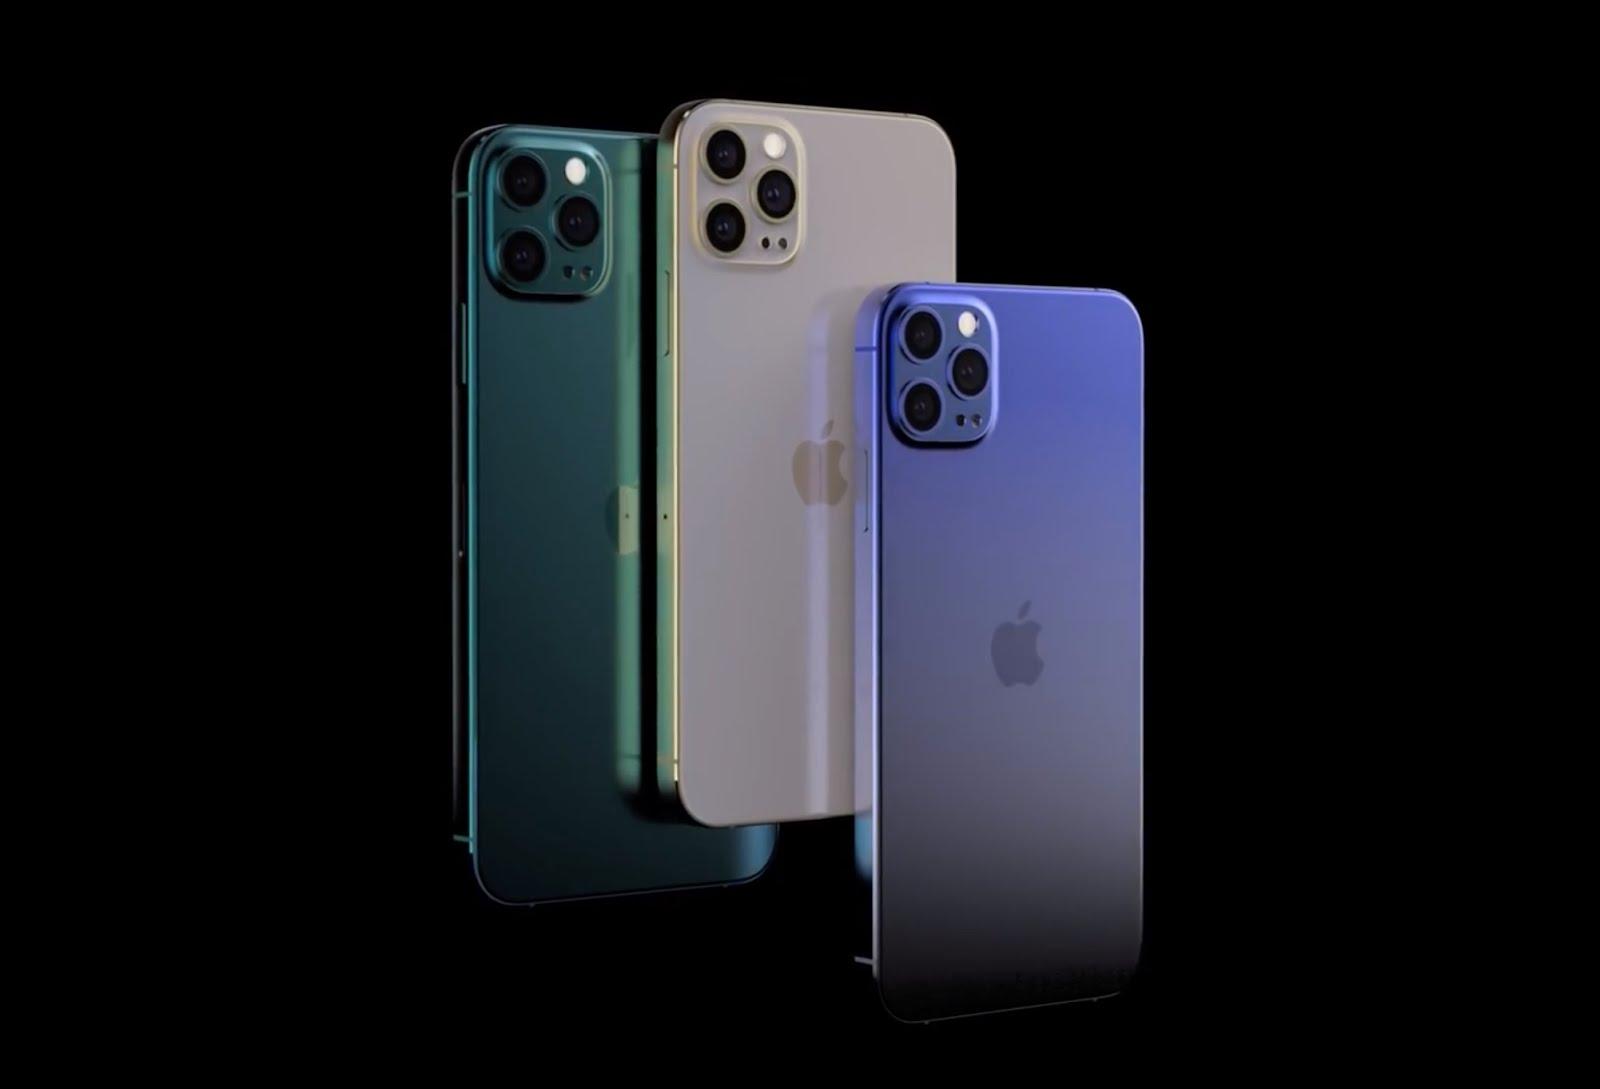 iPhone 12 سيأتي بكاميرا بدقة 64MP ،بطارية اكبر وشاشة بمزايا اضافية